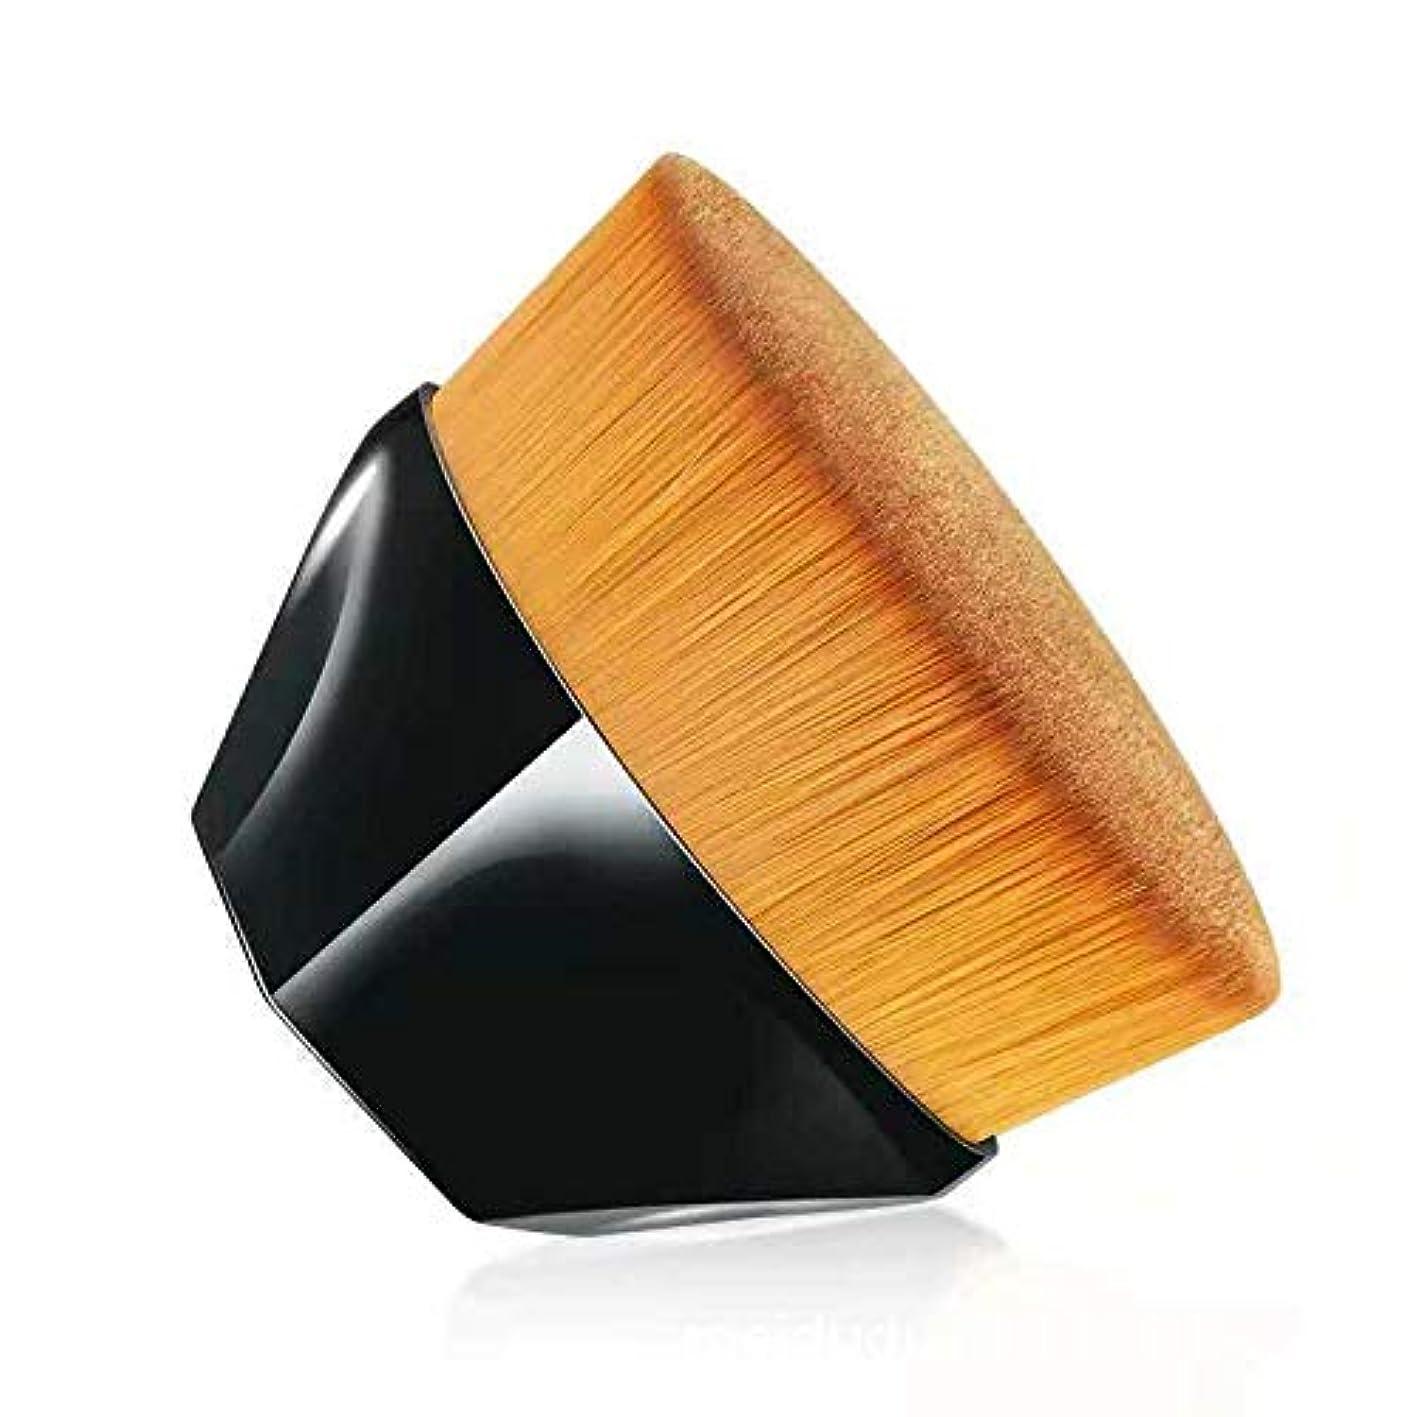 航空便推定コミュニティ柔らかい高級繊維毛化粧ブラシ 携帯便利メイクアップブラシ 肌にやさしいファンデーションブラシ 化粧筆 (ブラック)